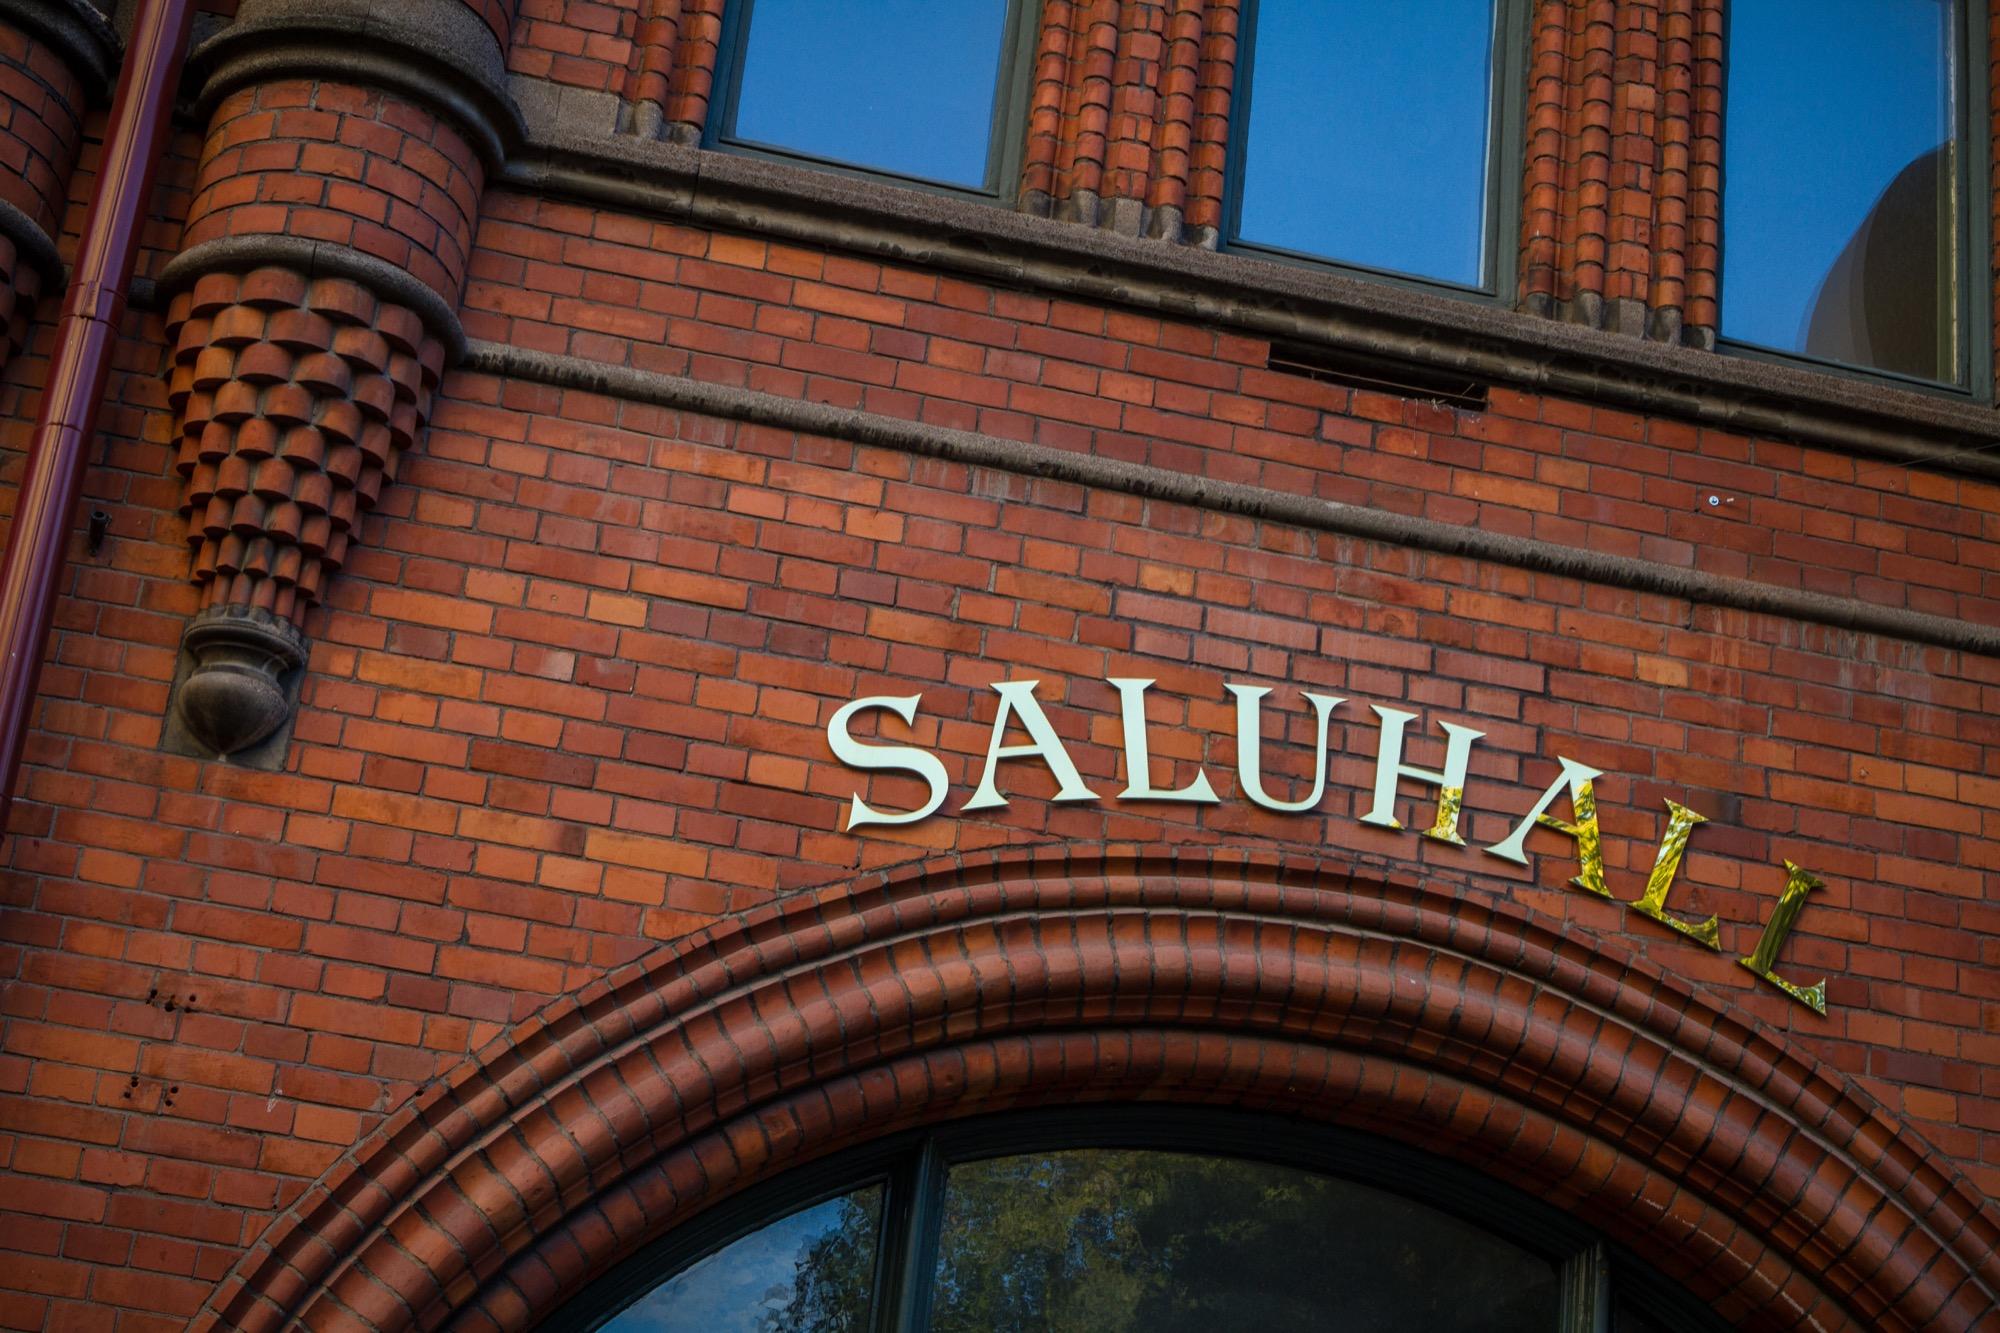 Östermalmshallen - Östermalms saluhall uppfördes och invigdes år 1888 med avsikten att vara en marknadsplats för allmänheten inom livsmedel och delikatesser. Östermalms saluhall är en av Sveriges finaste tegelbyggnader från sent 1800-tal.